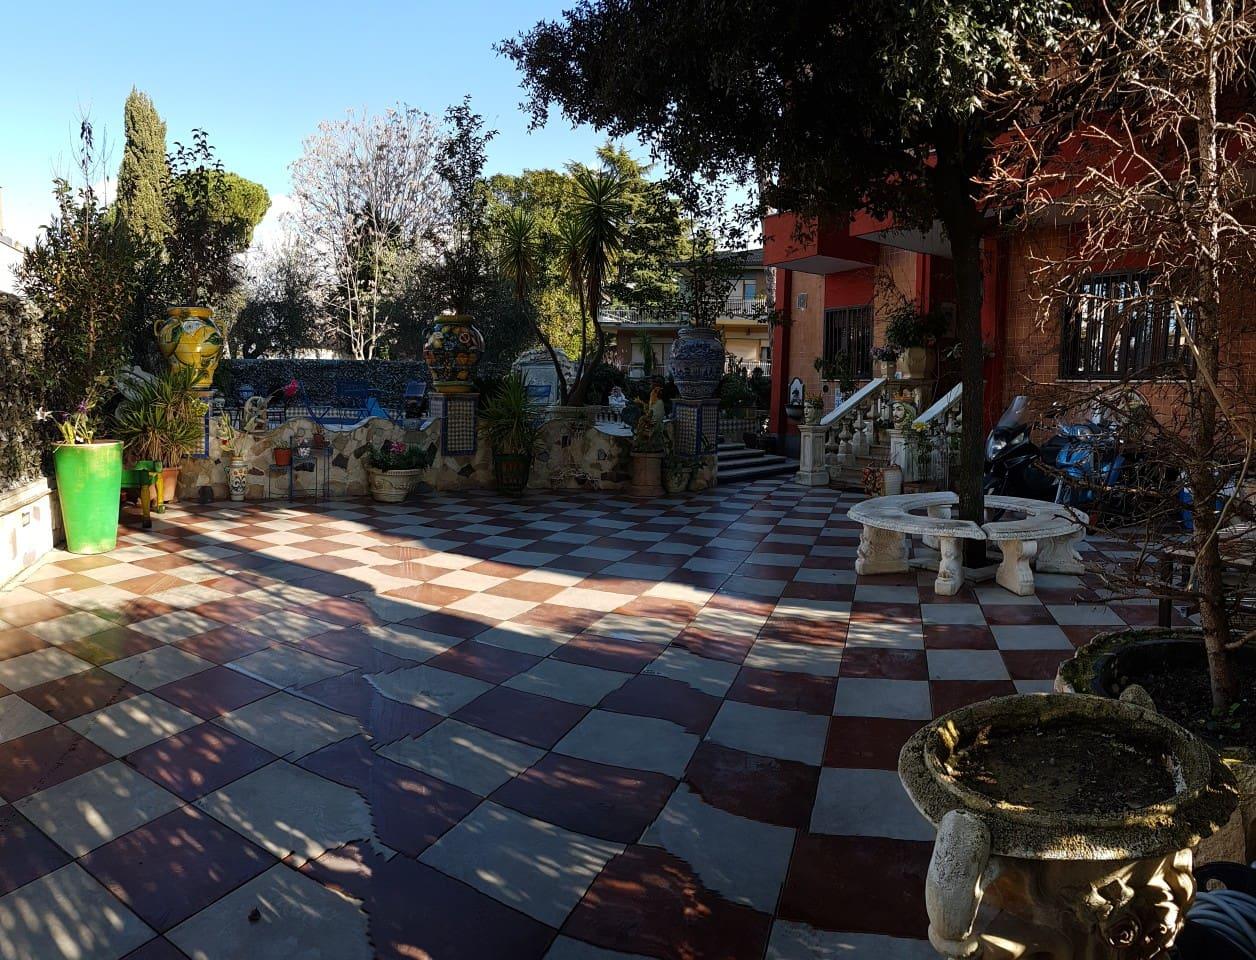 Patio ingresso Villa e piscina